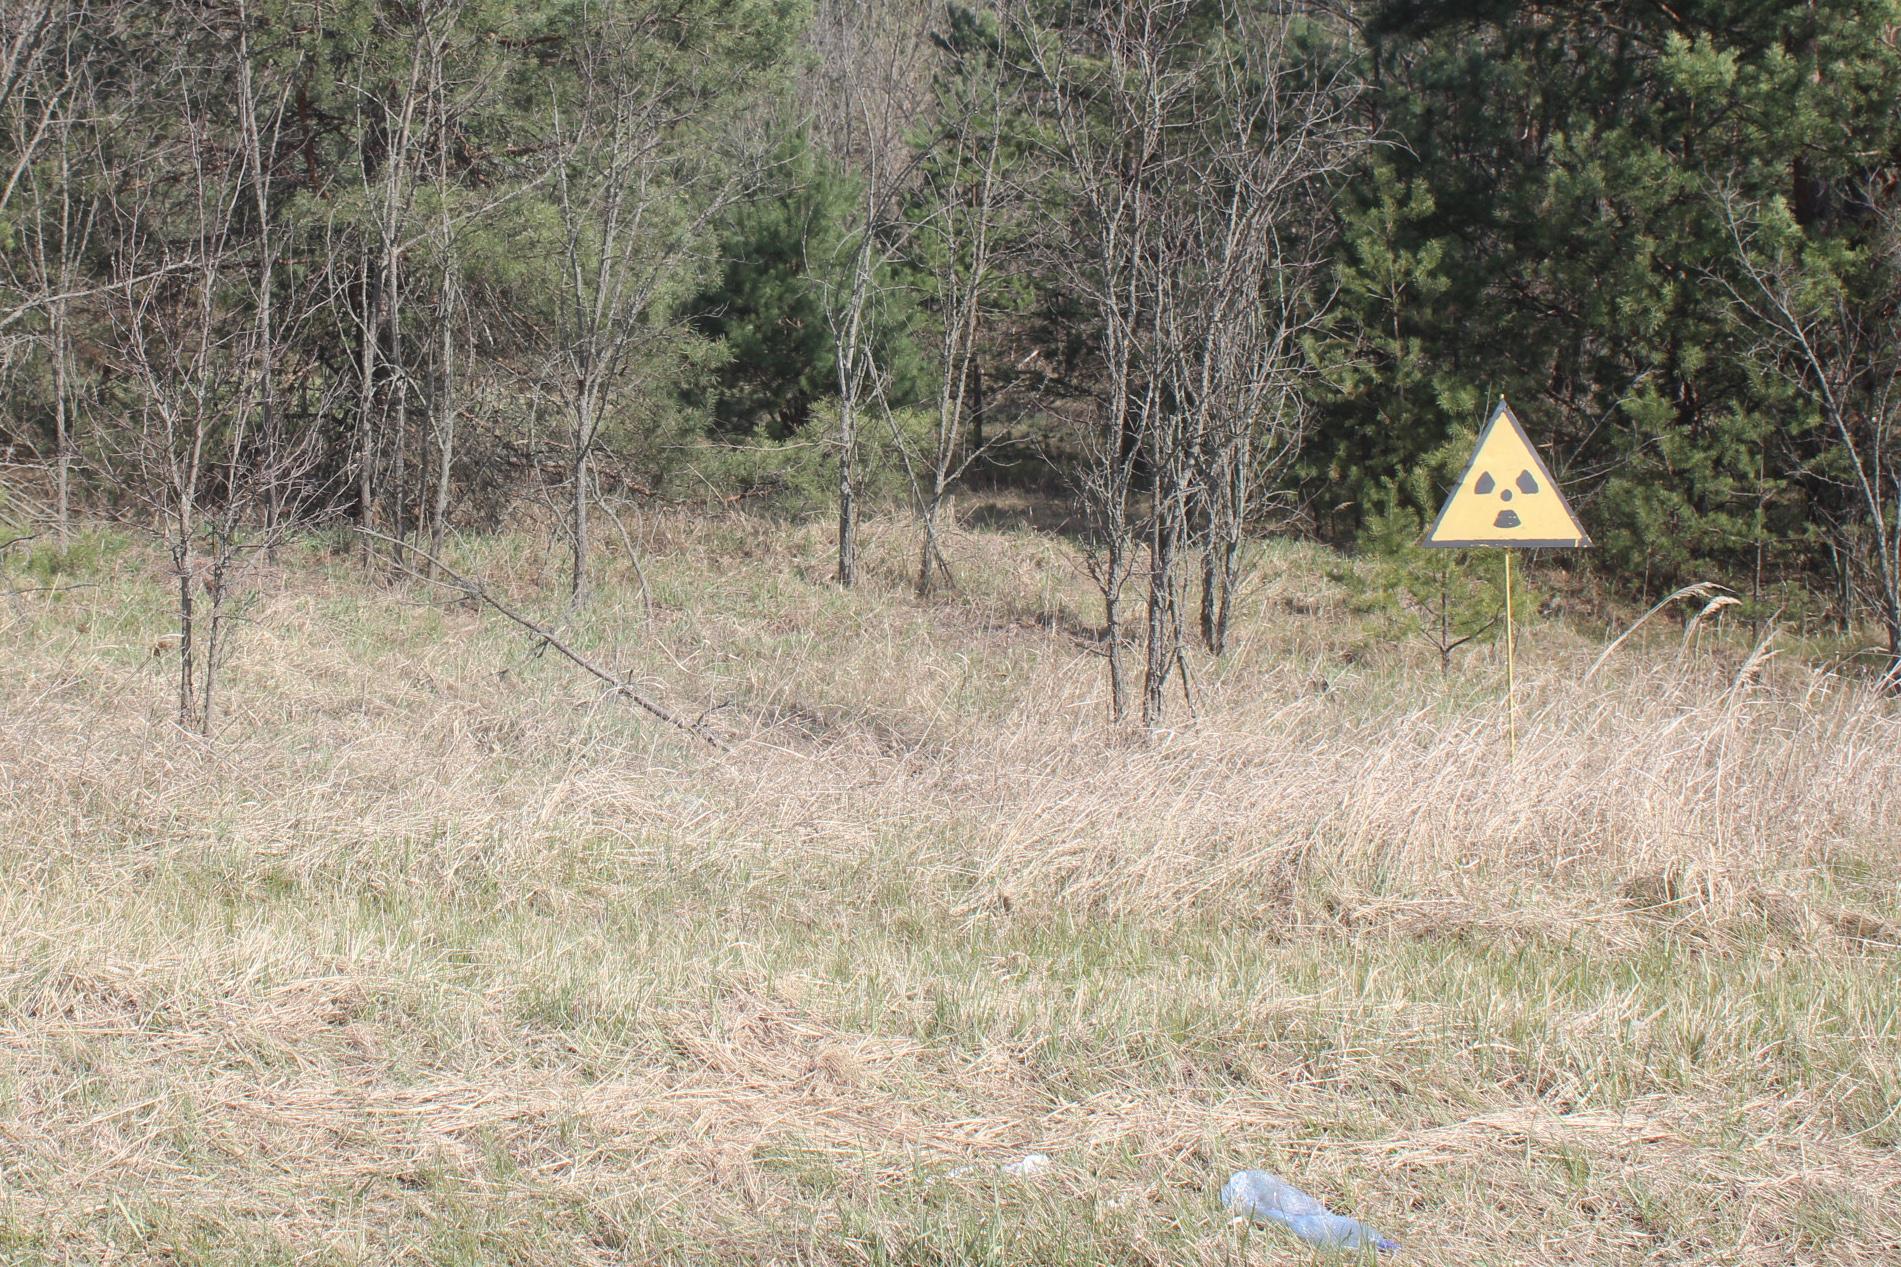 У Чорнобилі ще тліють 4 осередки - Чорнобиль - zona 1